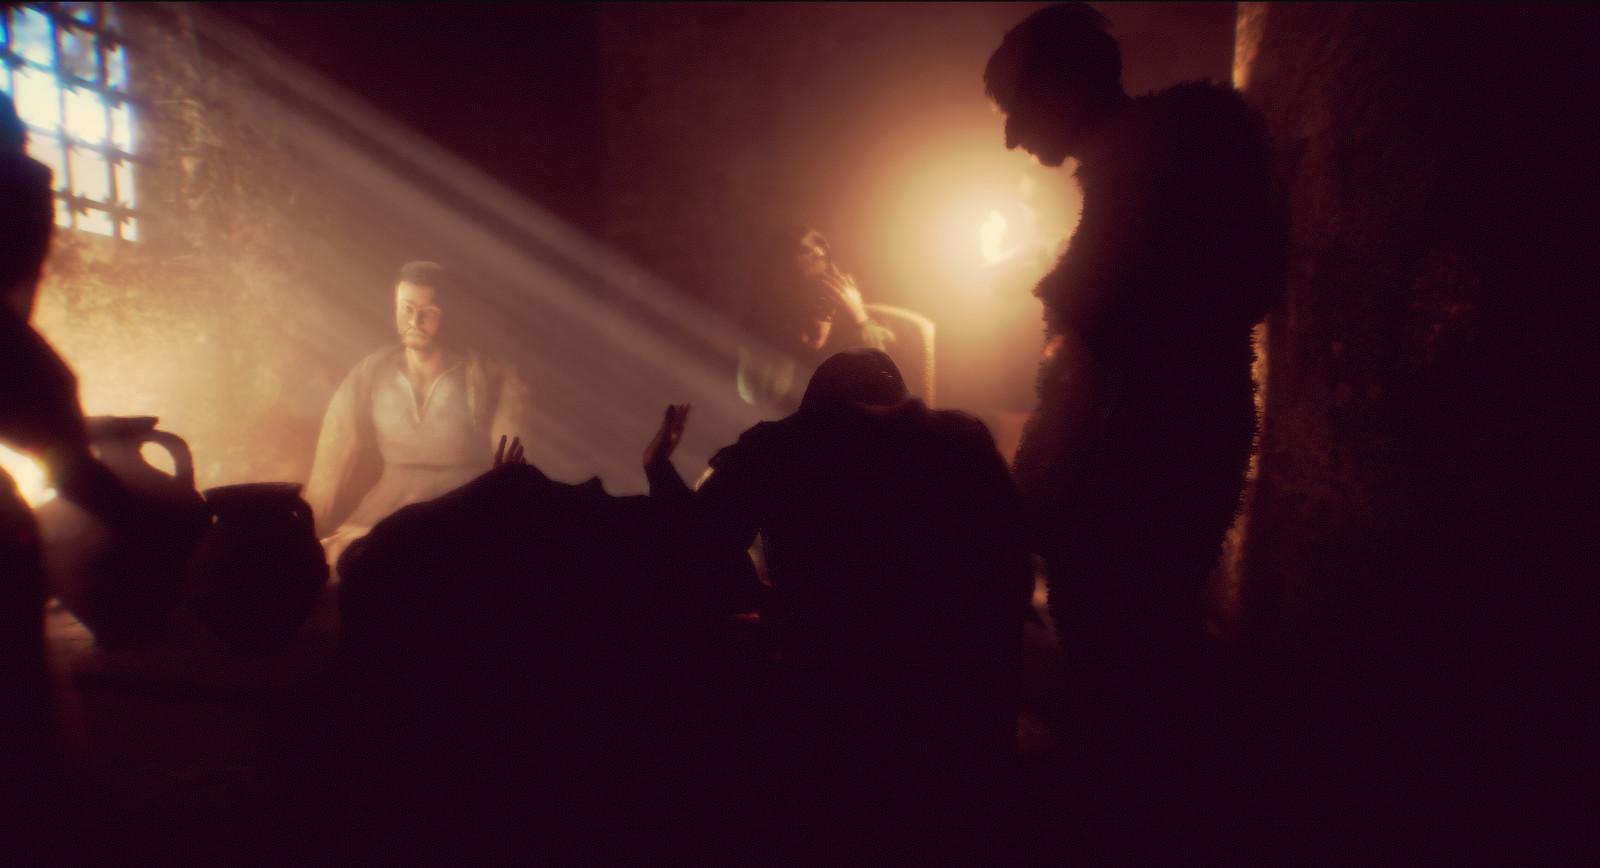 Last moments of Barqa screenshot